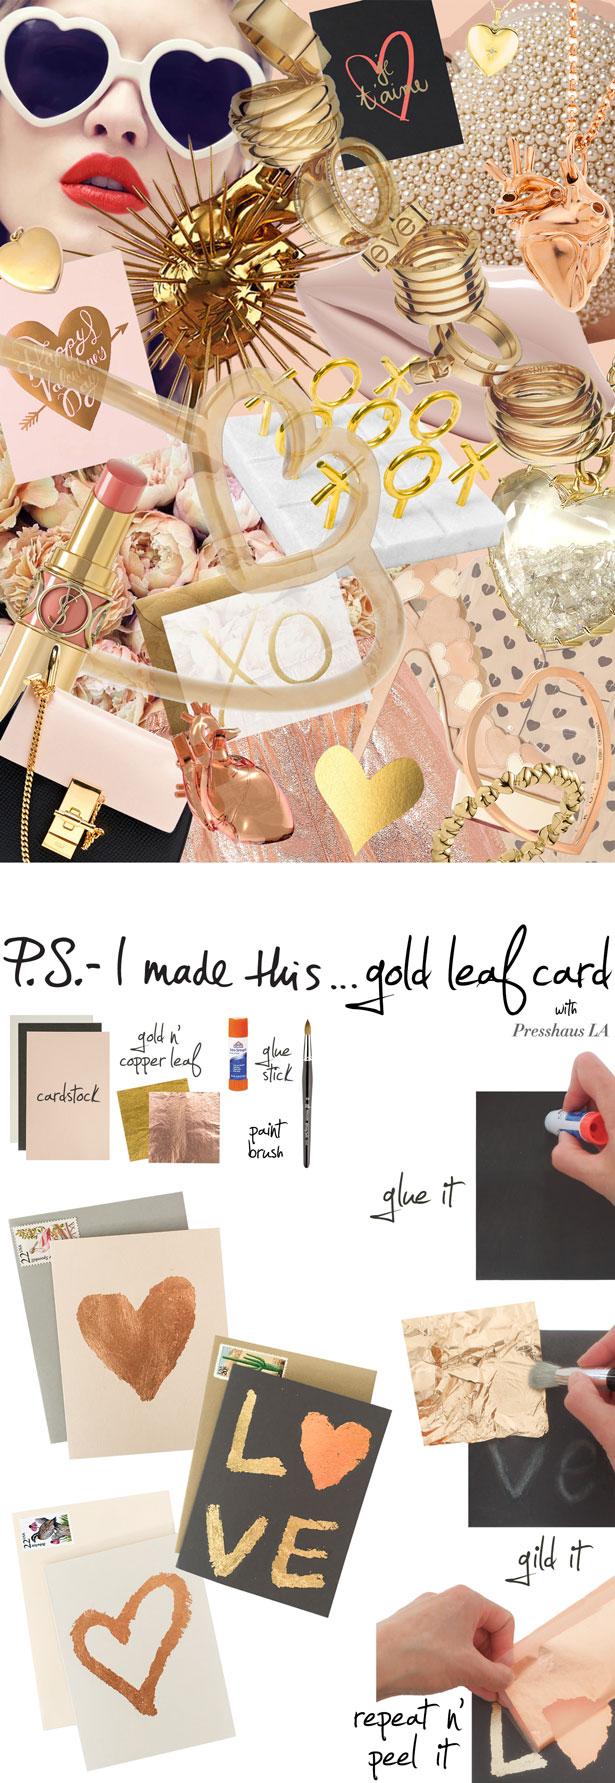 gold leaf cards